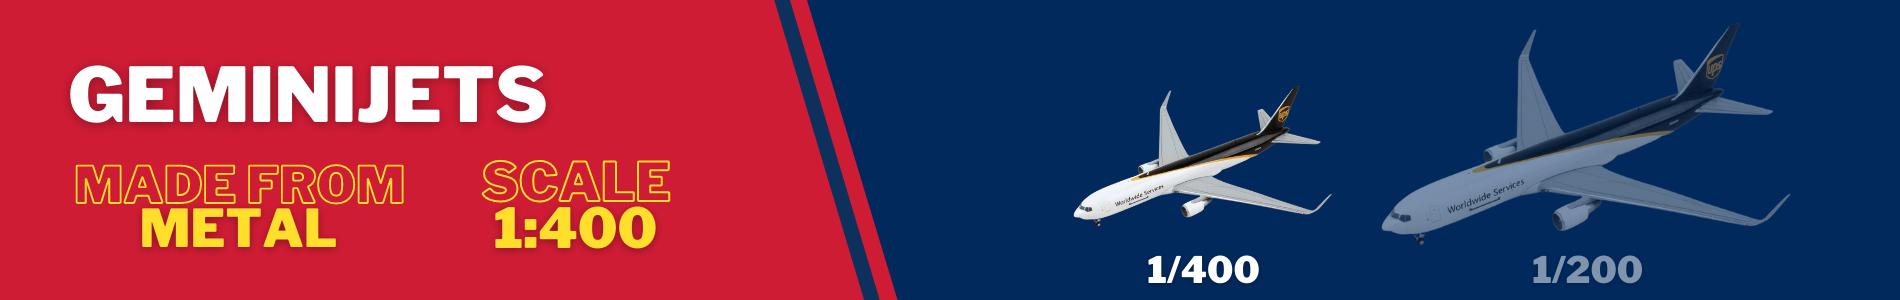 Gemini Jets in 1/400 scale